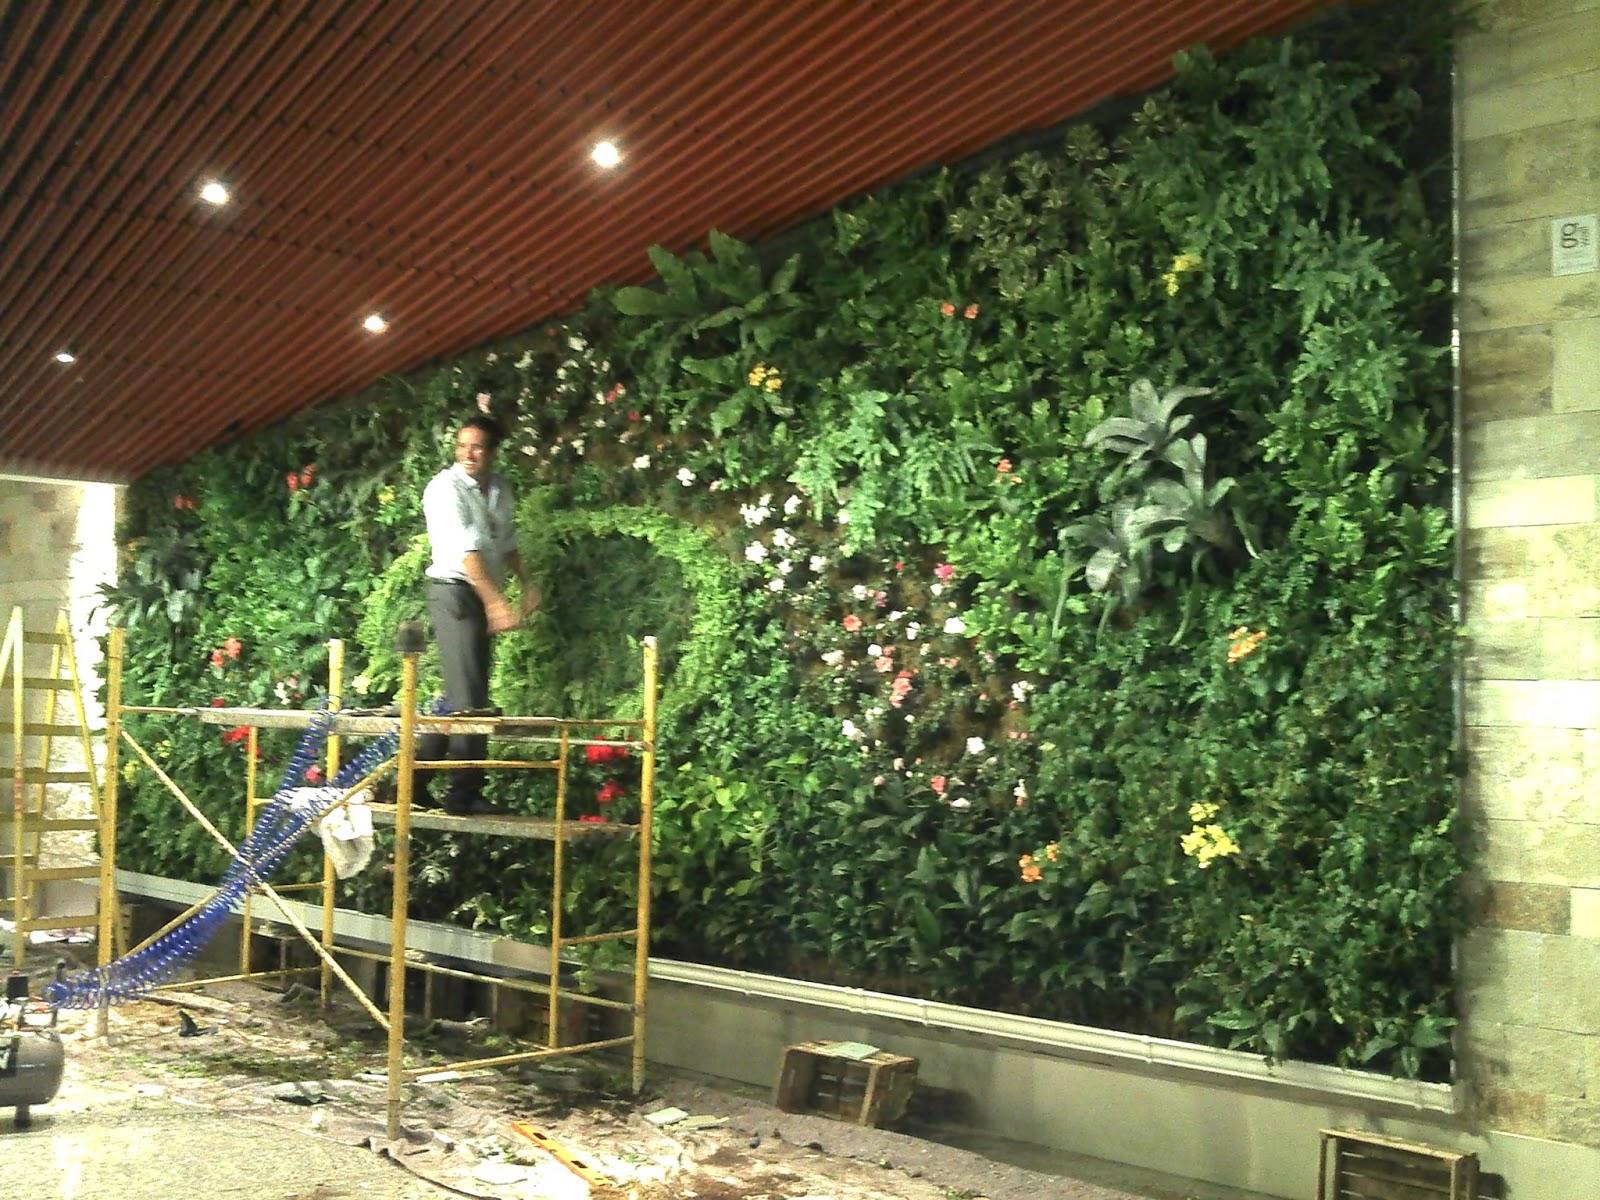 Jardin vertical en argentina mayo 2013 - Iluminacion para plantas ...